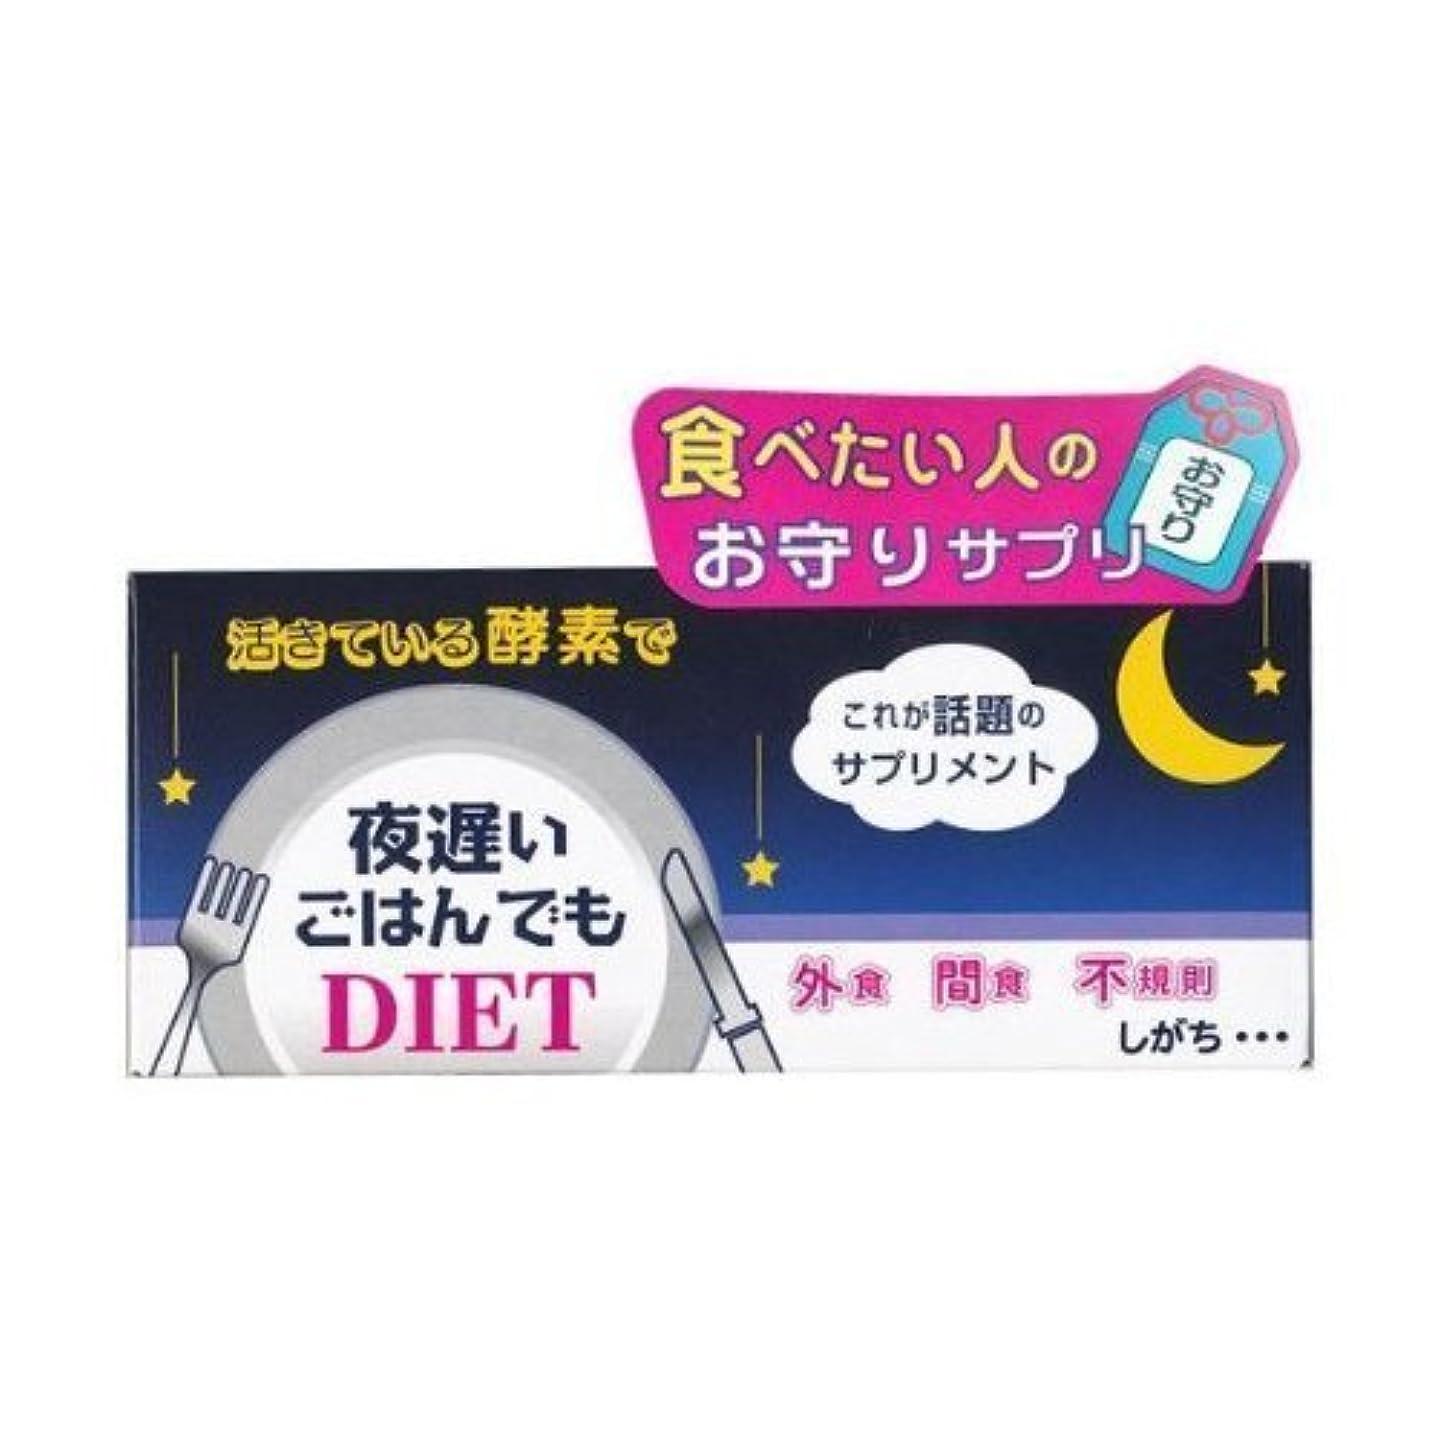 旋律的アルバム未知の新谷酵素 夜遅いごはんでも 30包 【2箱セット】